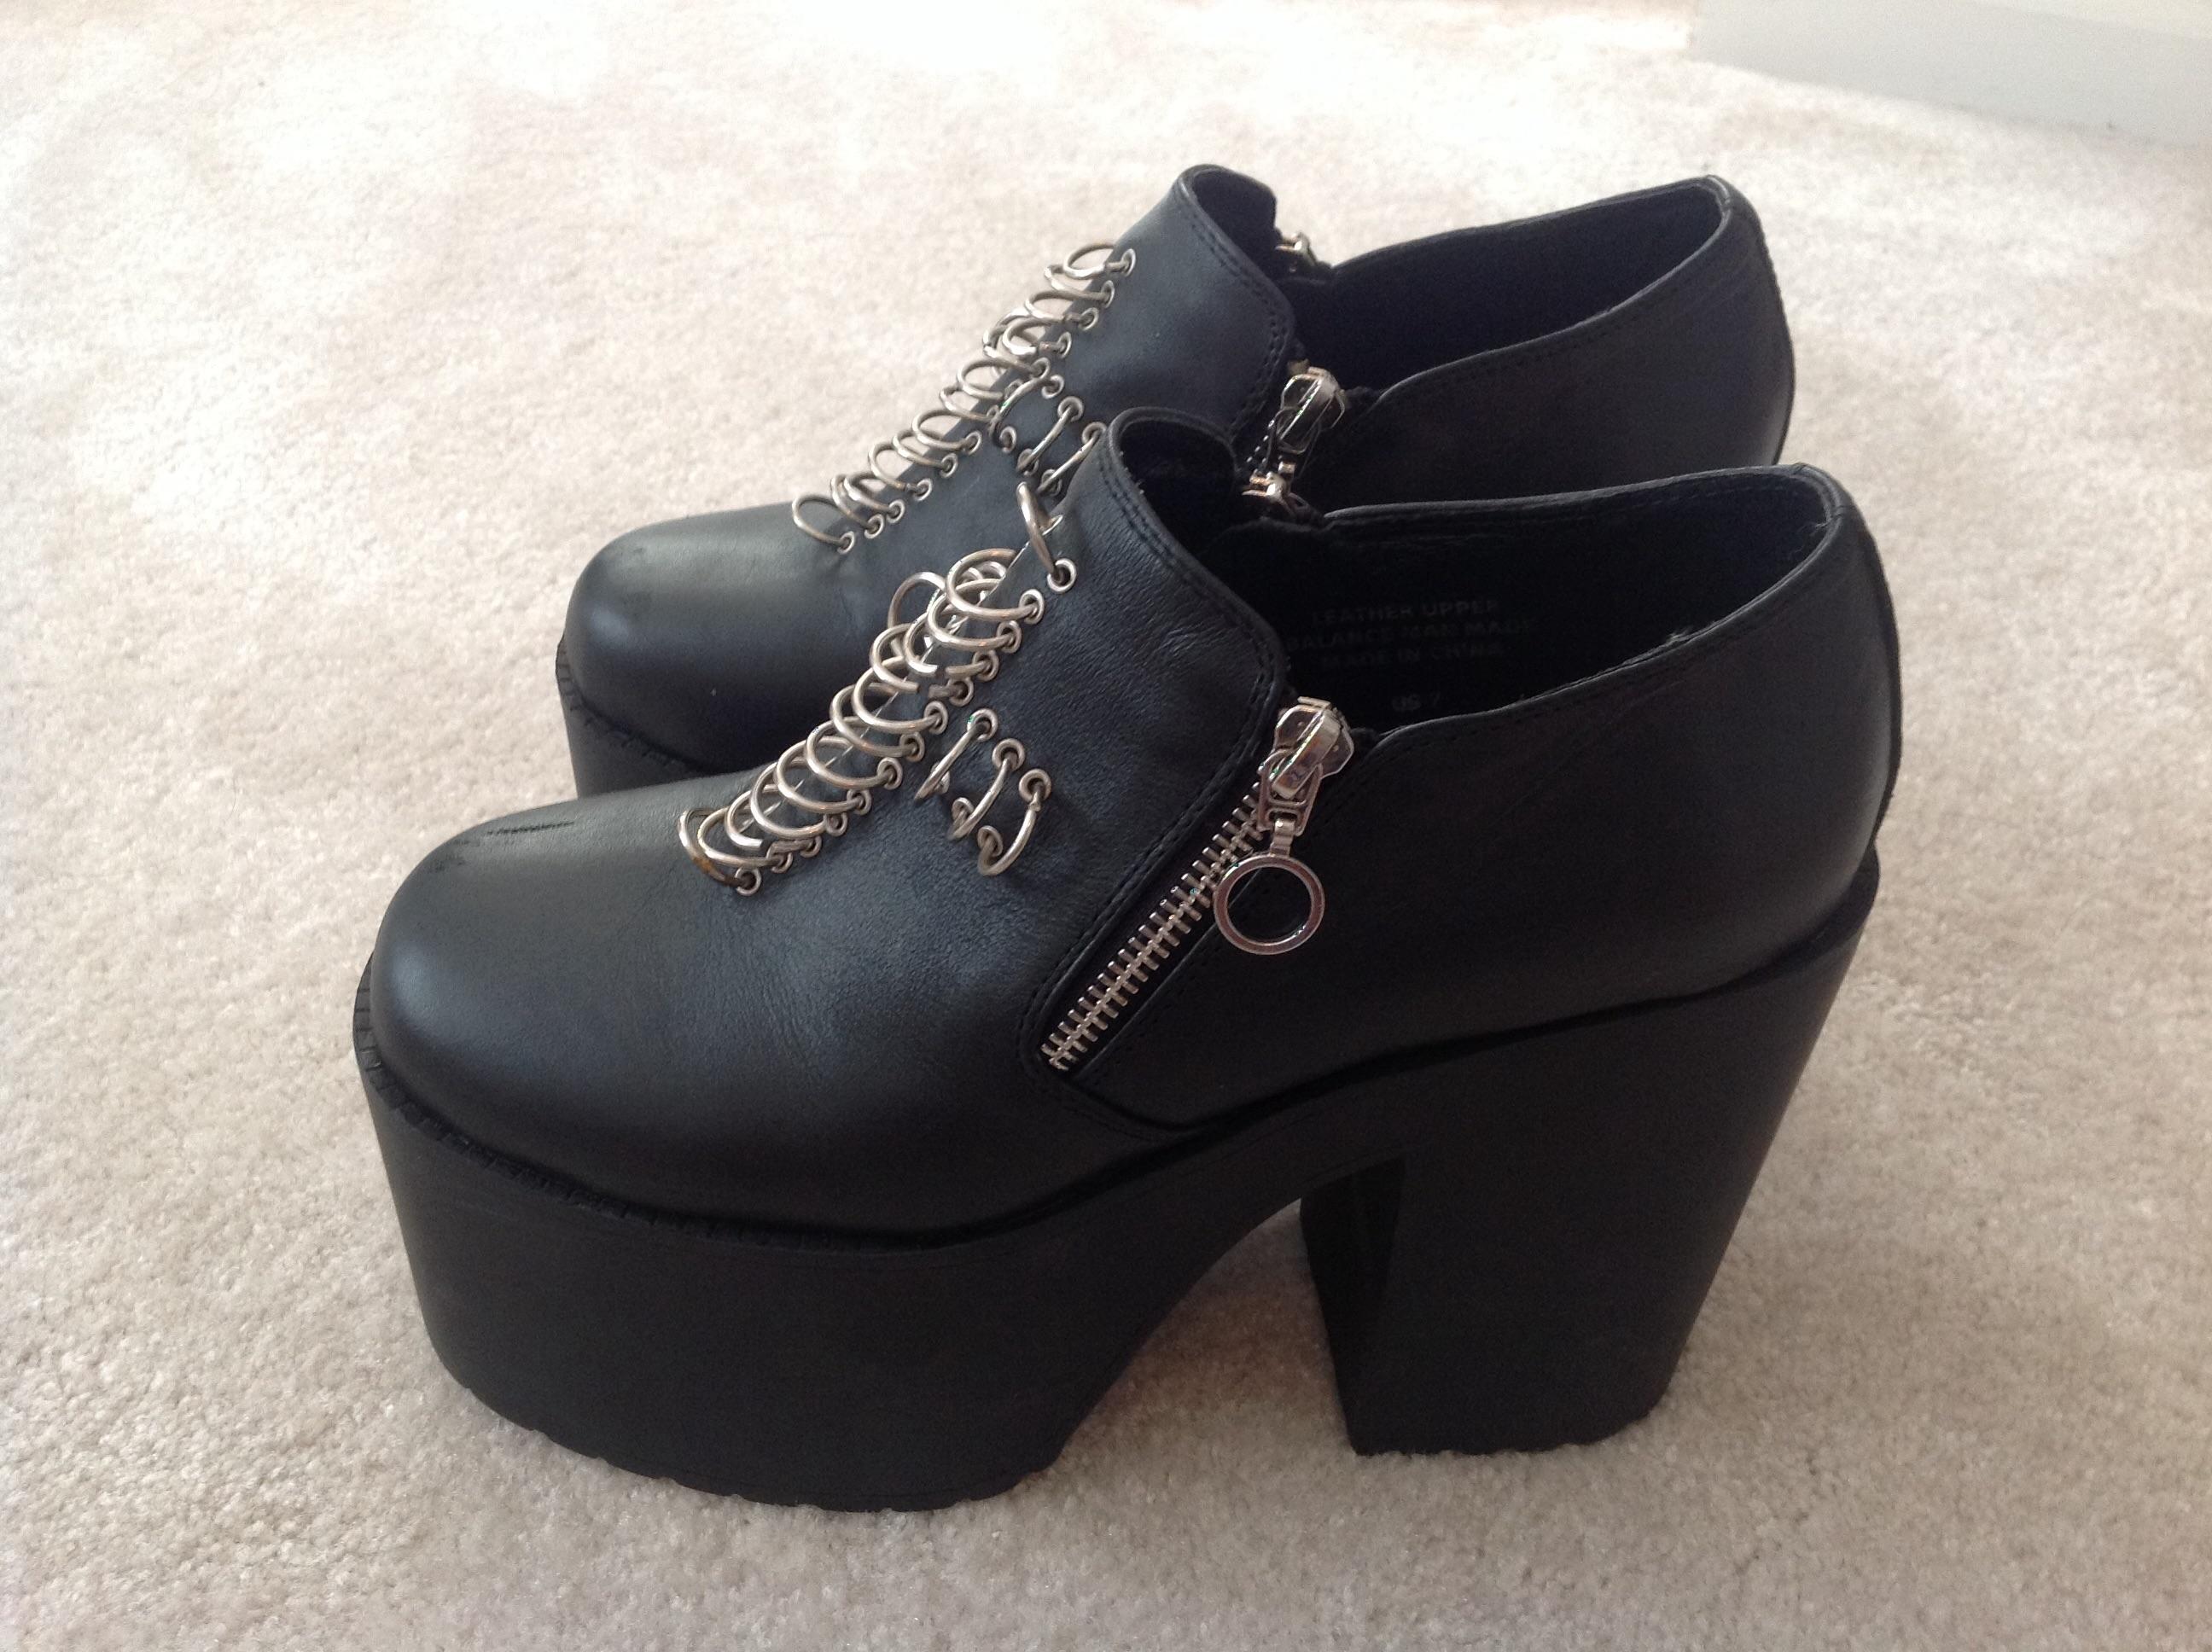 c247a00b7c2 UNIF Grail Black Leather Platform Boots Shoes on Storenvy